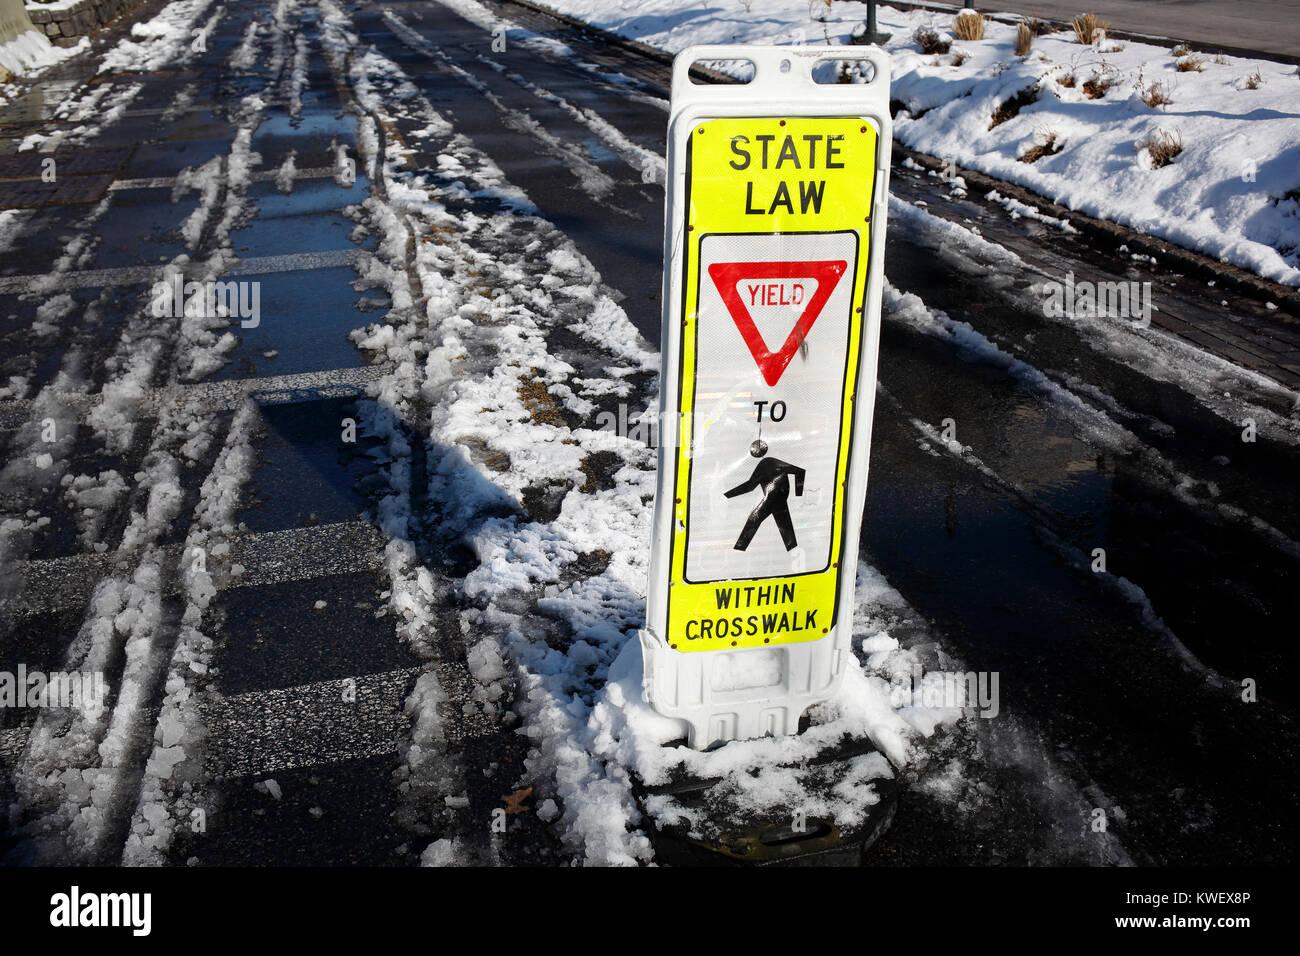 Ertrag für Fußgänger an zebrastreifen Zeichen auf matschigen Radweg in Hudson River Park, New York Stockbild